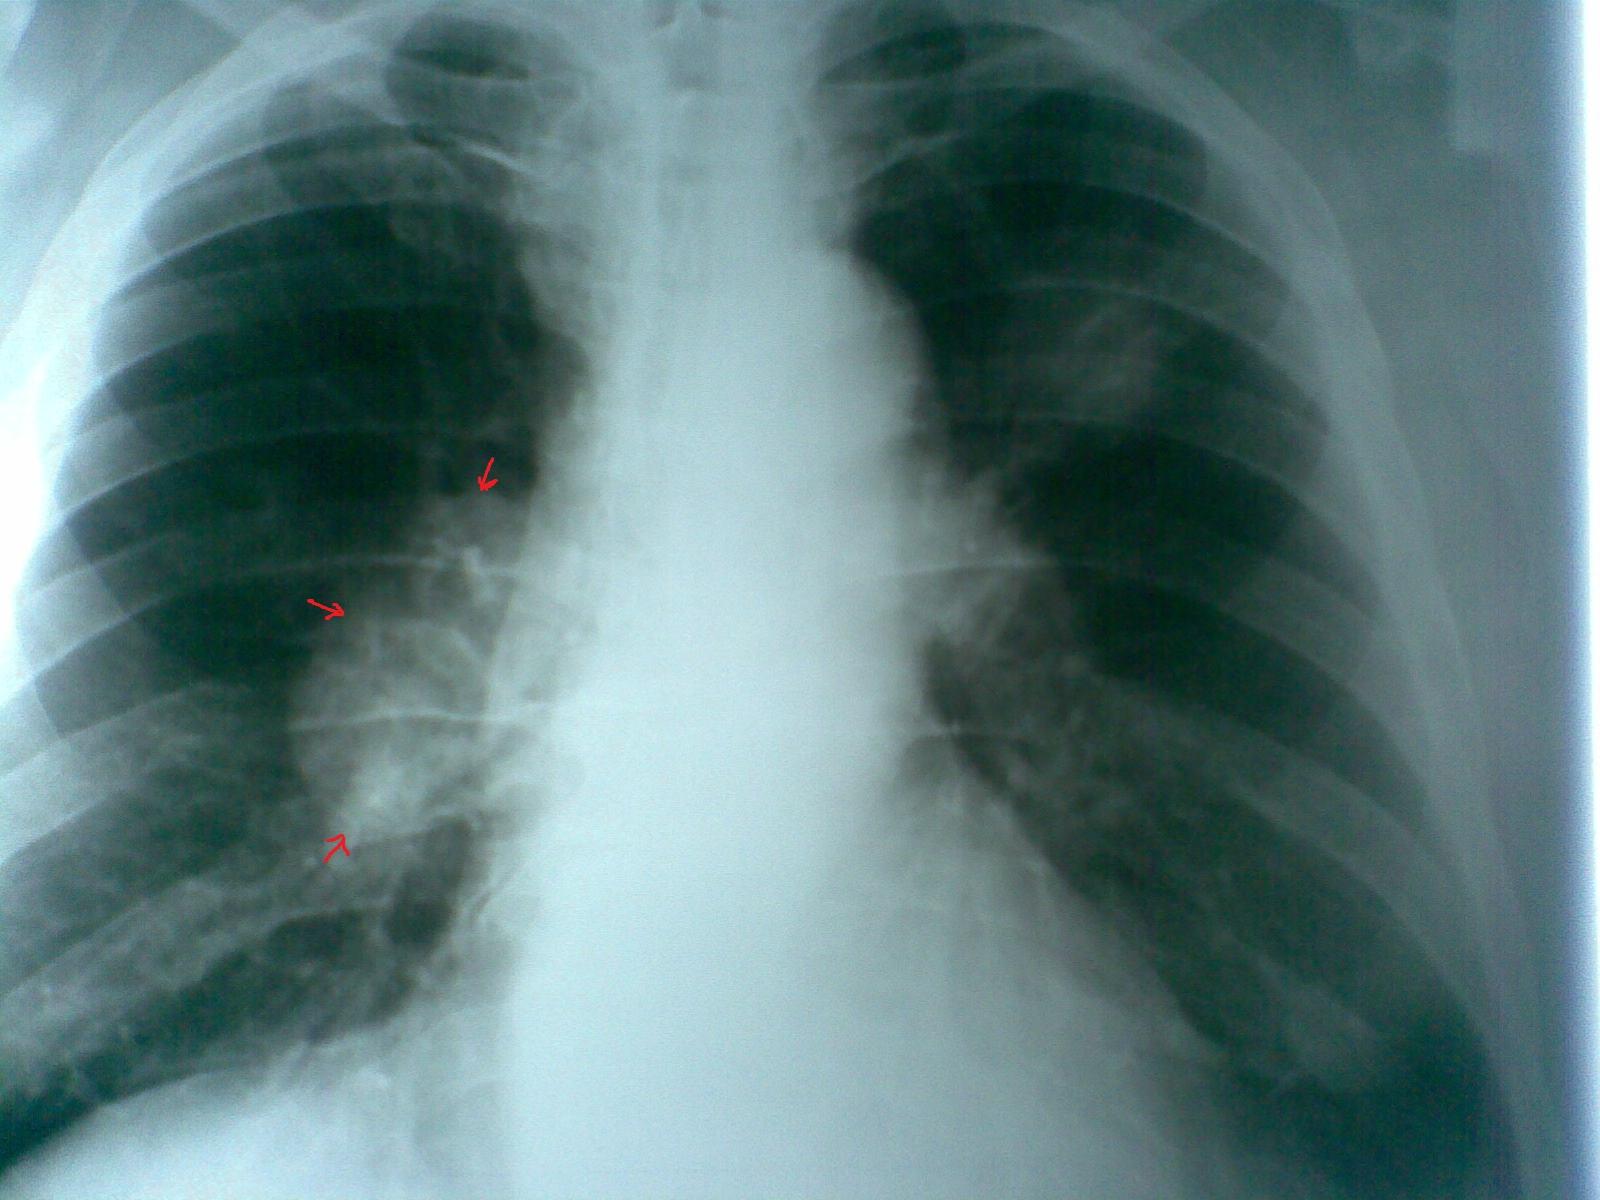 Ранний рак легких можно обнаружить, взяв кровь на анализ